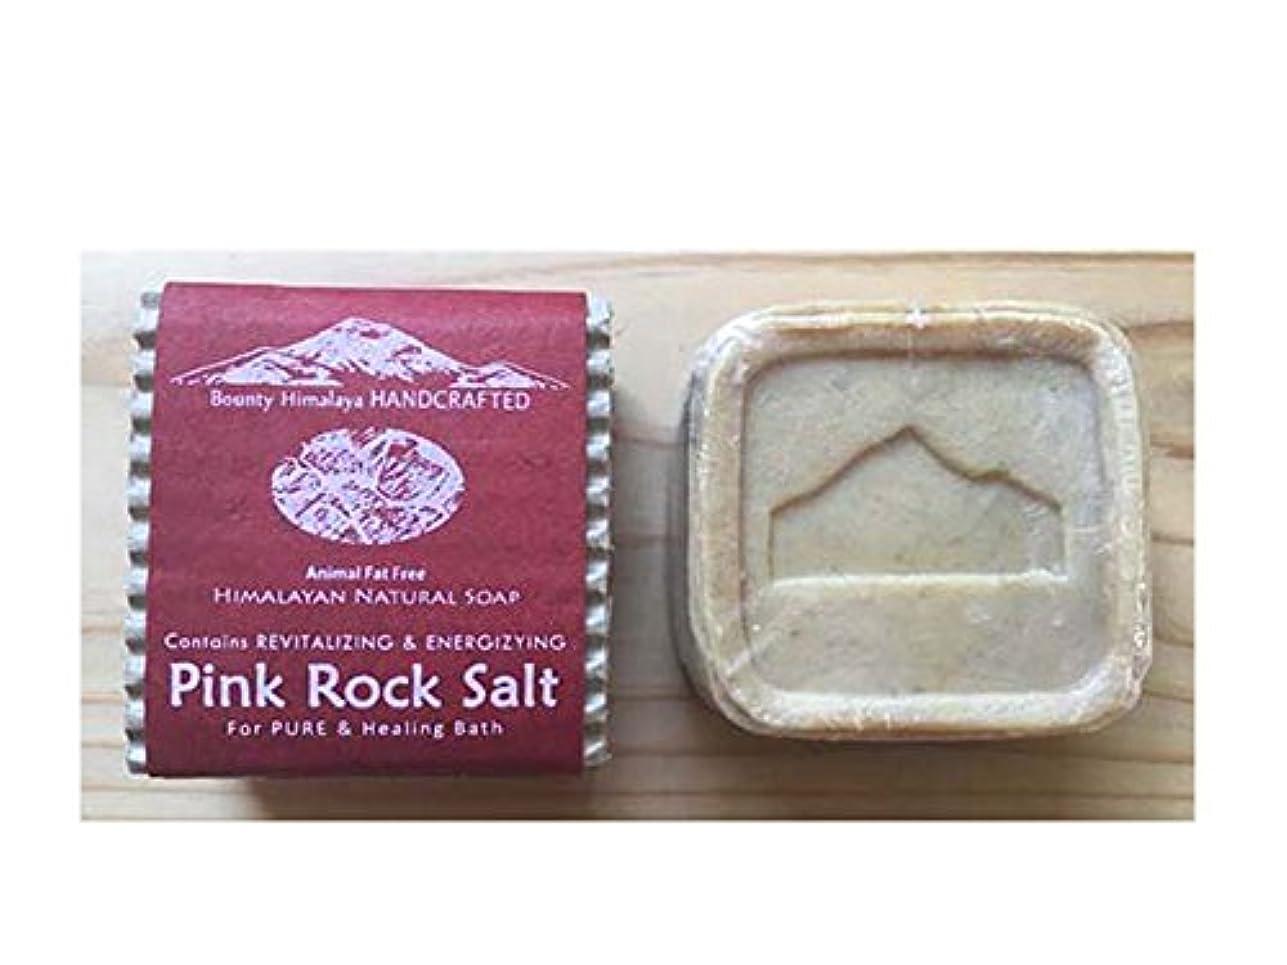 繁栄鉛筆終わったアーユルヴェーダ ヒマラヤ?ロッキーソープ(ピンクロックソルトソープ) Bounty Himalaya Pink Rock Salt SOAP(NEPAL AYURVEDA) 100g